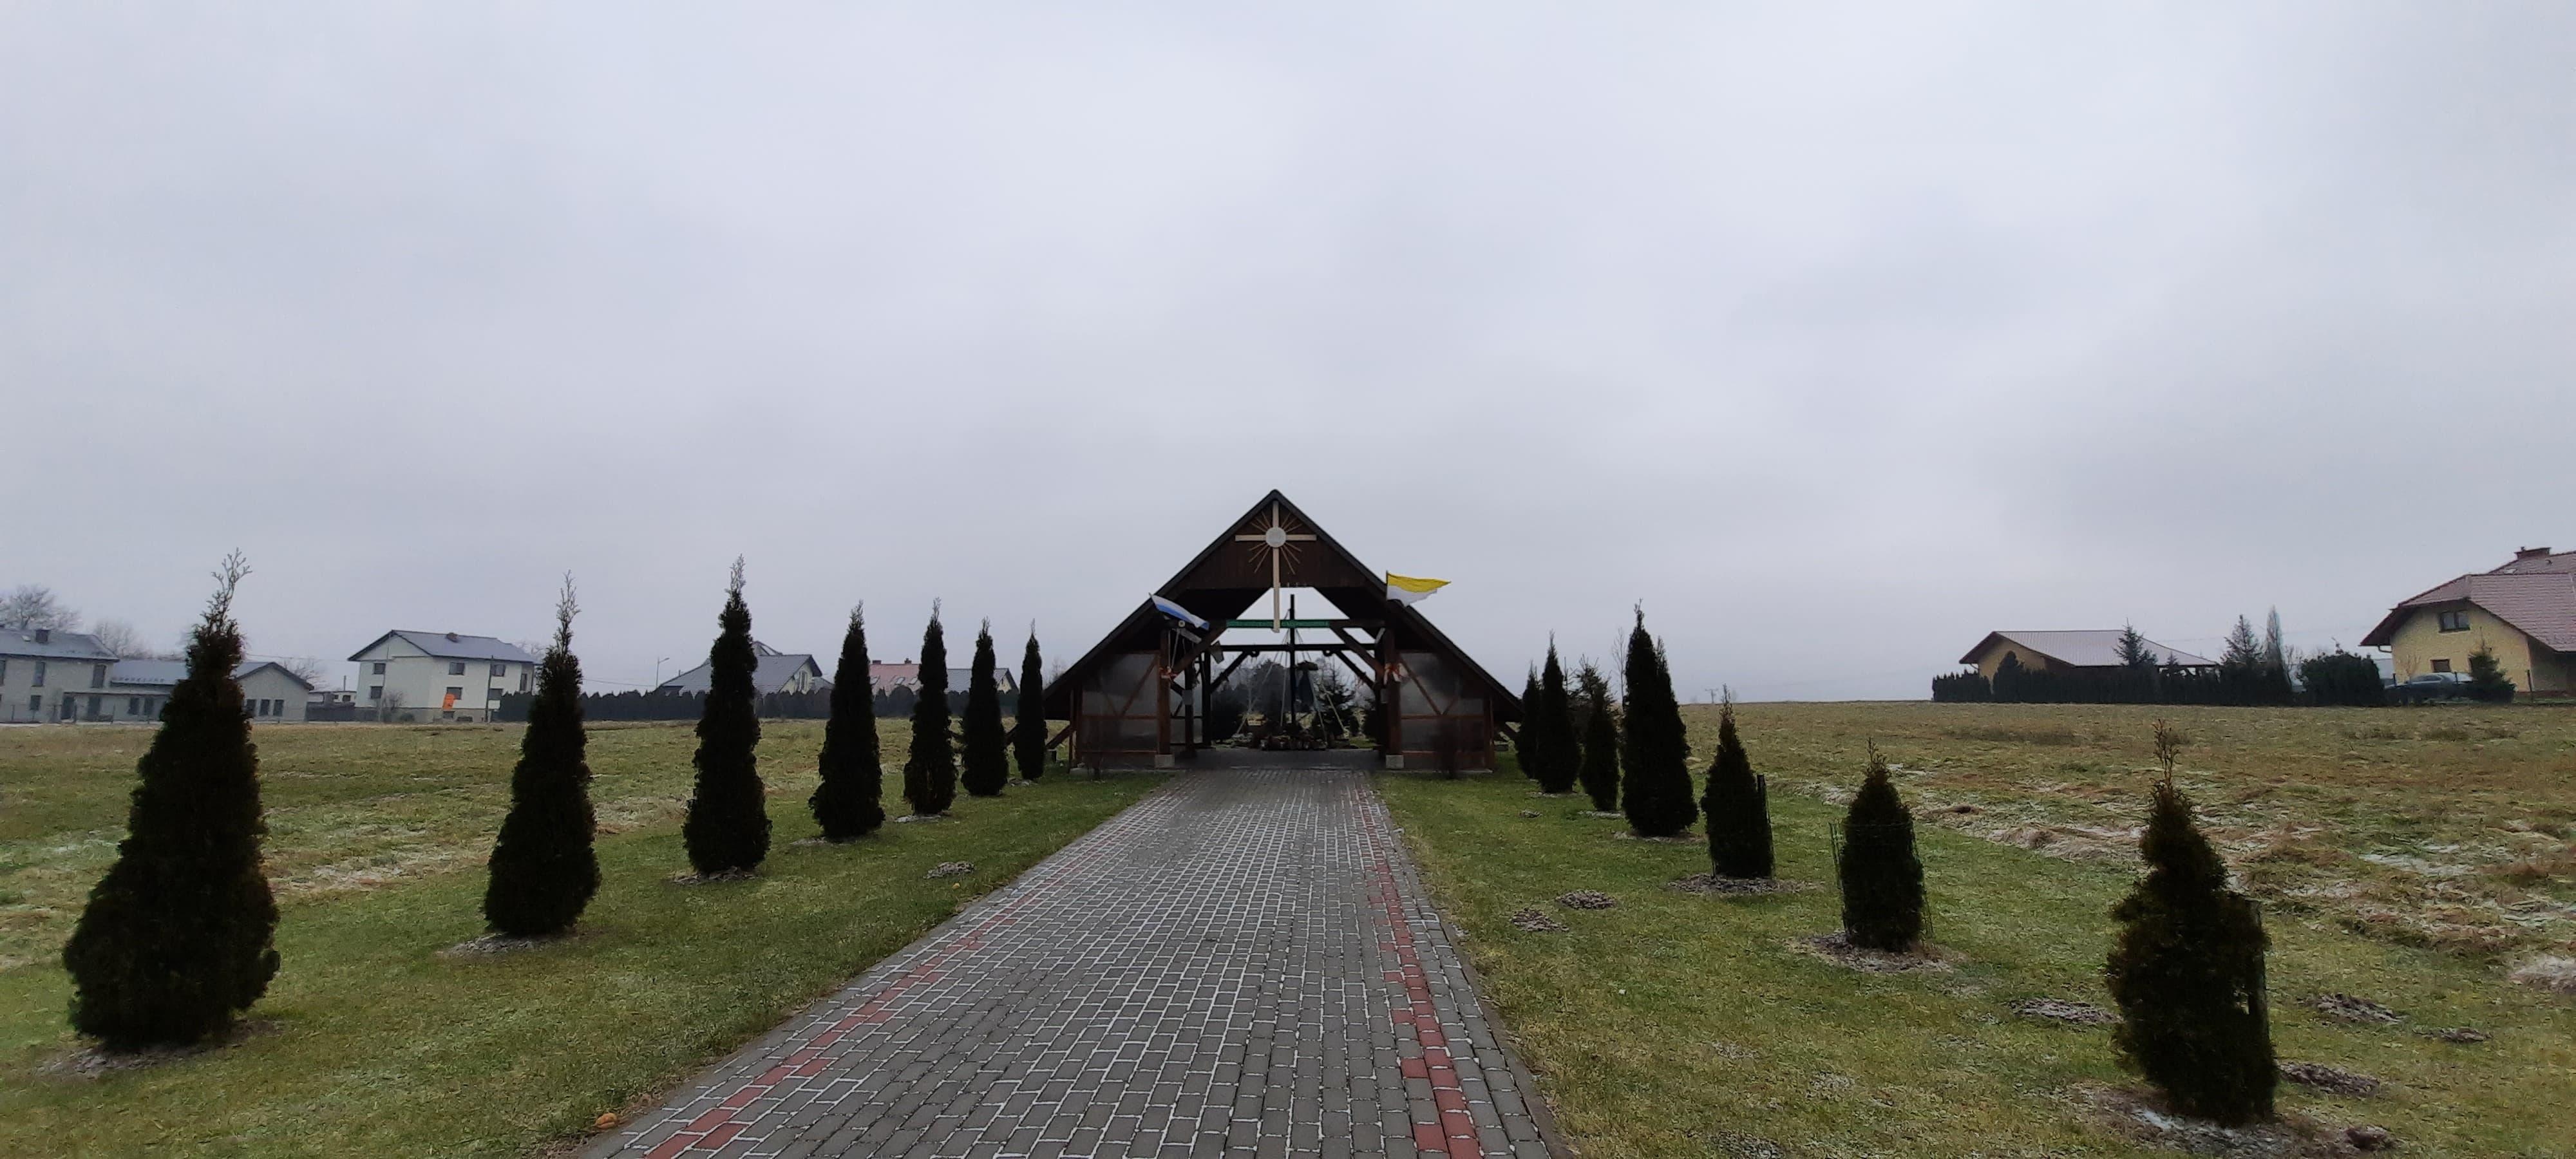 Zapomniane miejsce w Andrychowie. To tutaj kiedyś chowano ofiary epidemii